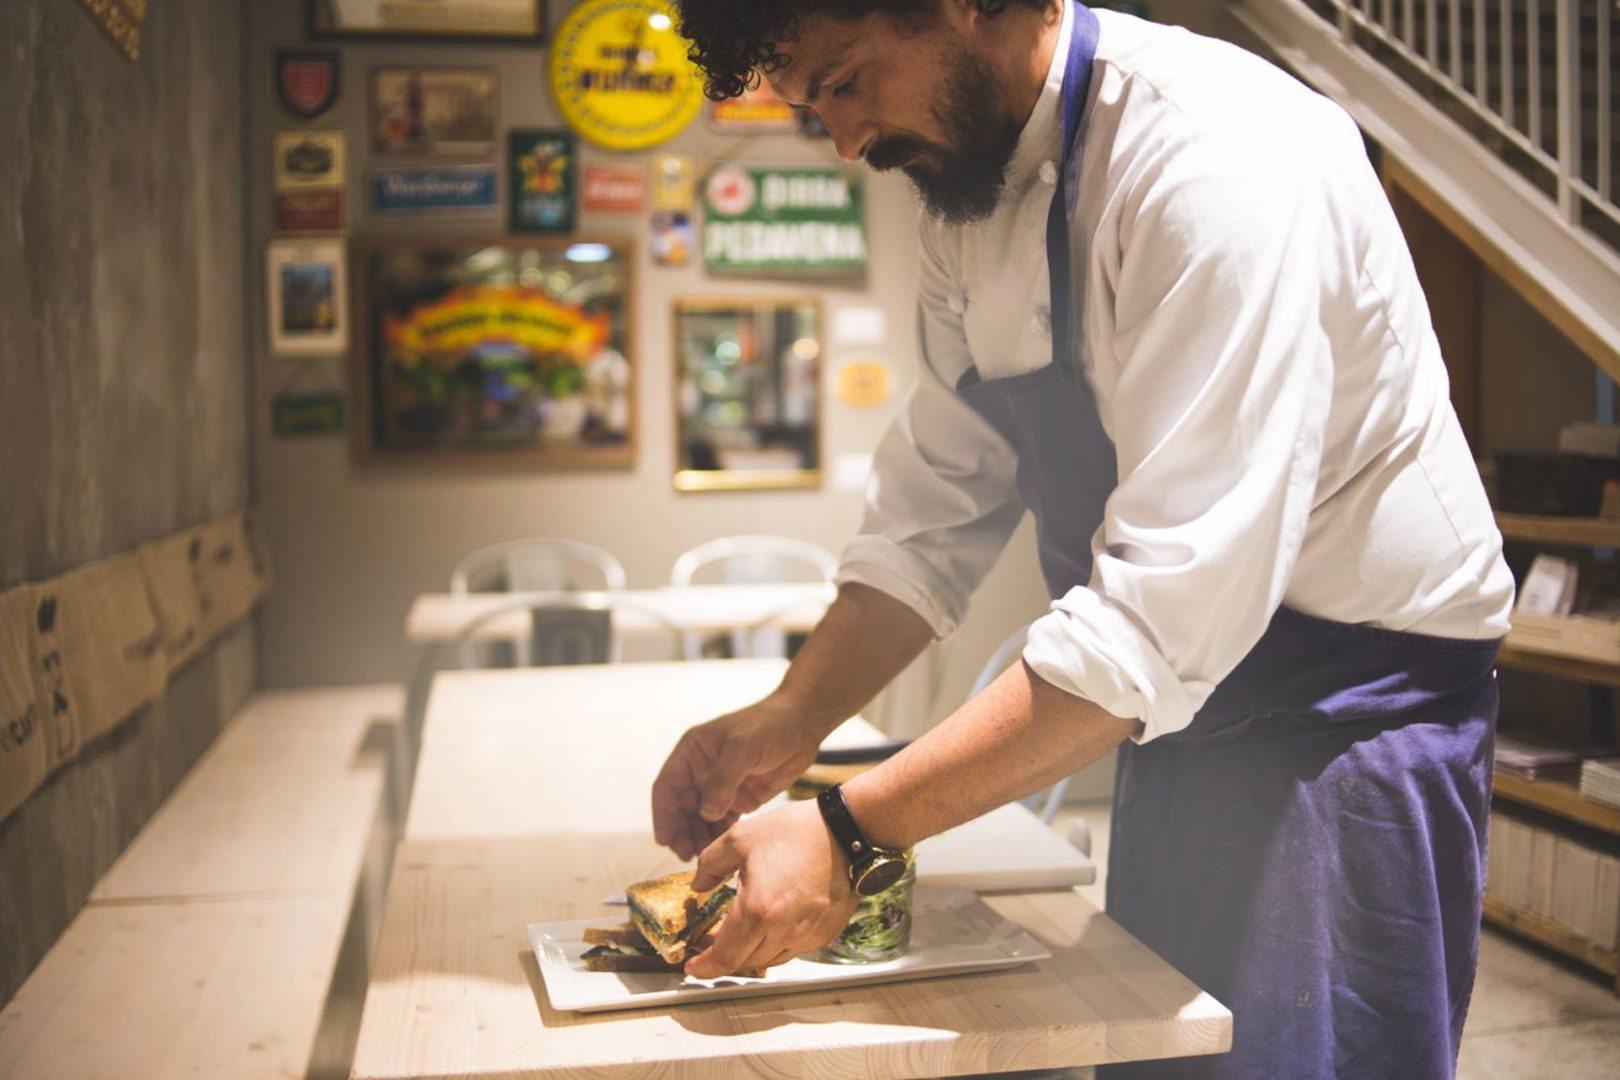 Foto di Piergiorgio Parini mentre prepara un piatto